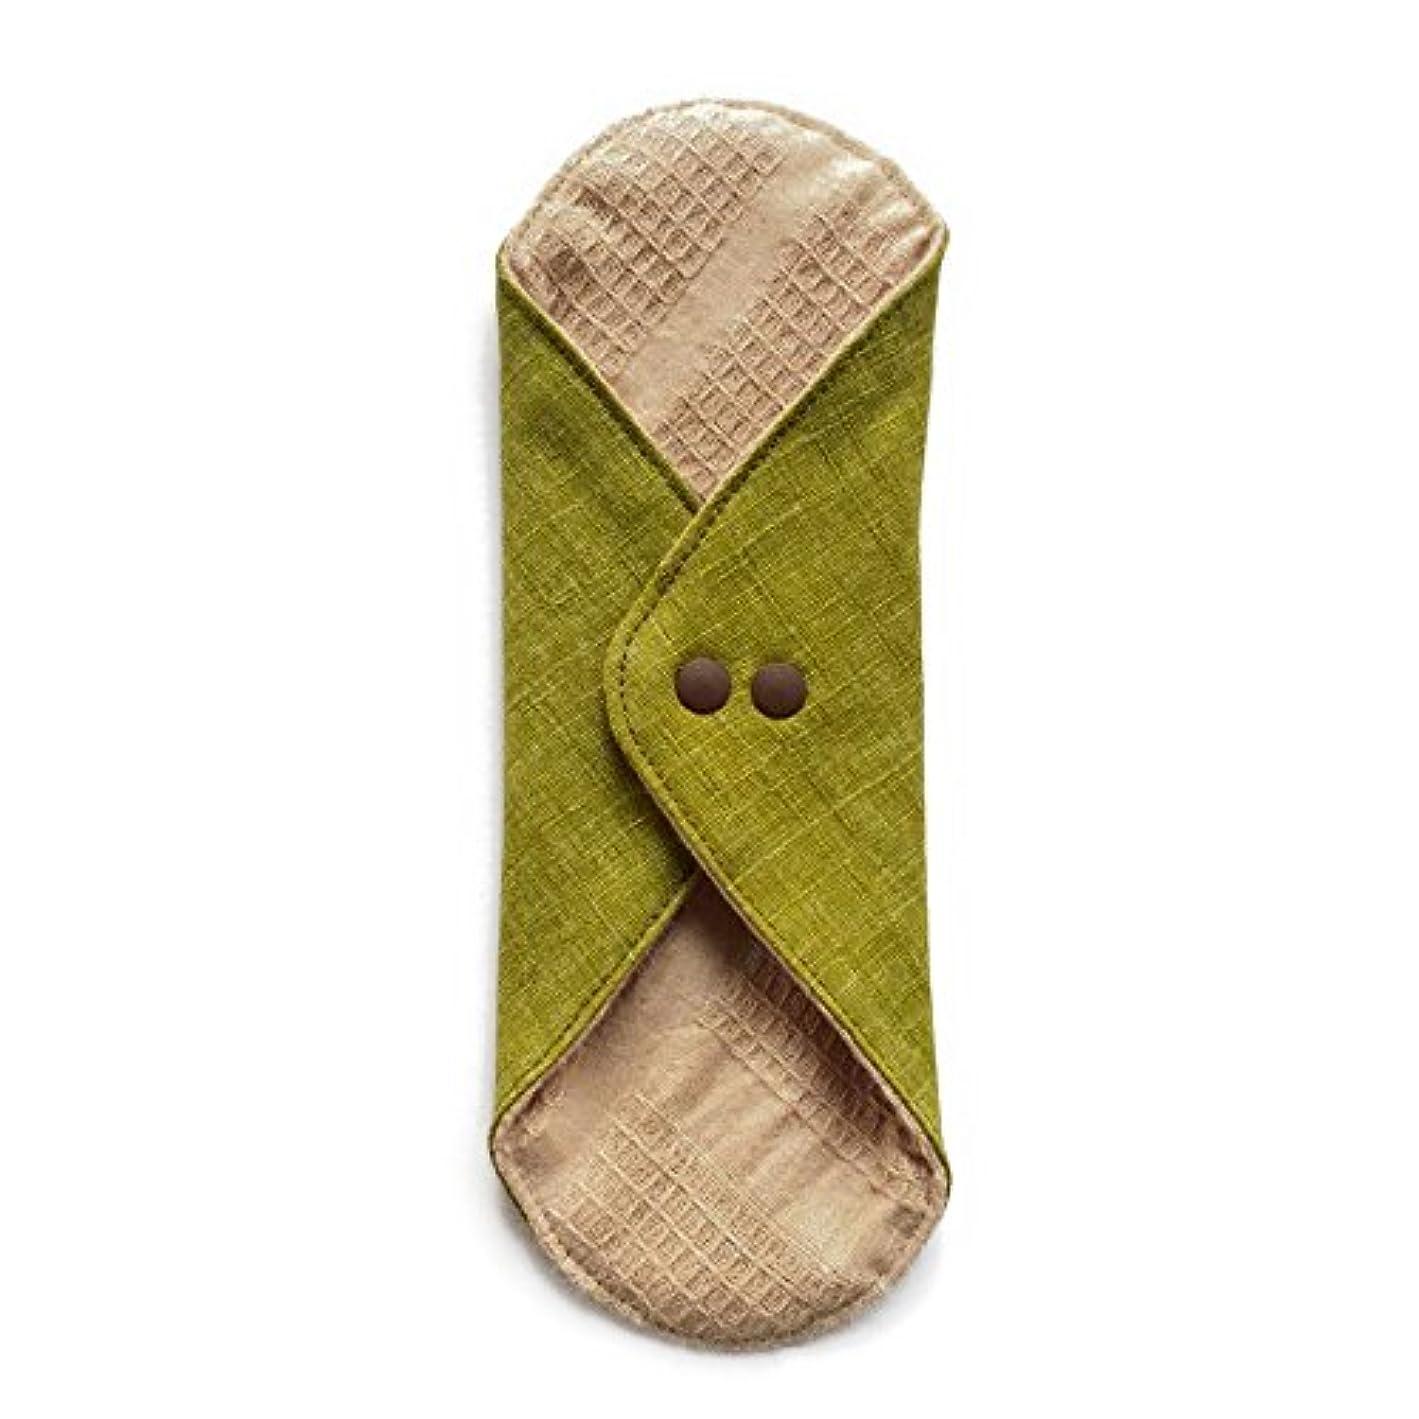 レルム南うっかり華布のオーガニックコットンのあたため布 Lサイズ (約18×約20.5×約0.5cm) 彩り(抹茶)